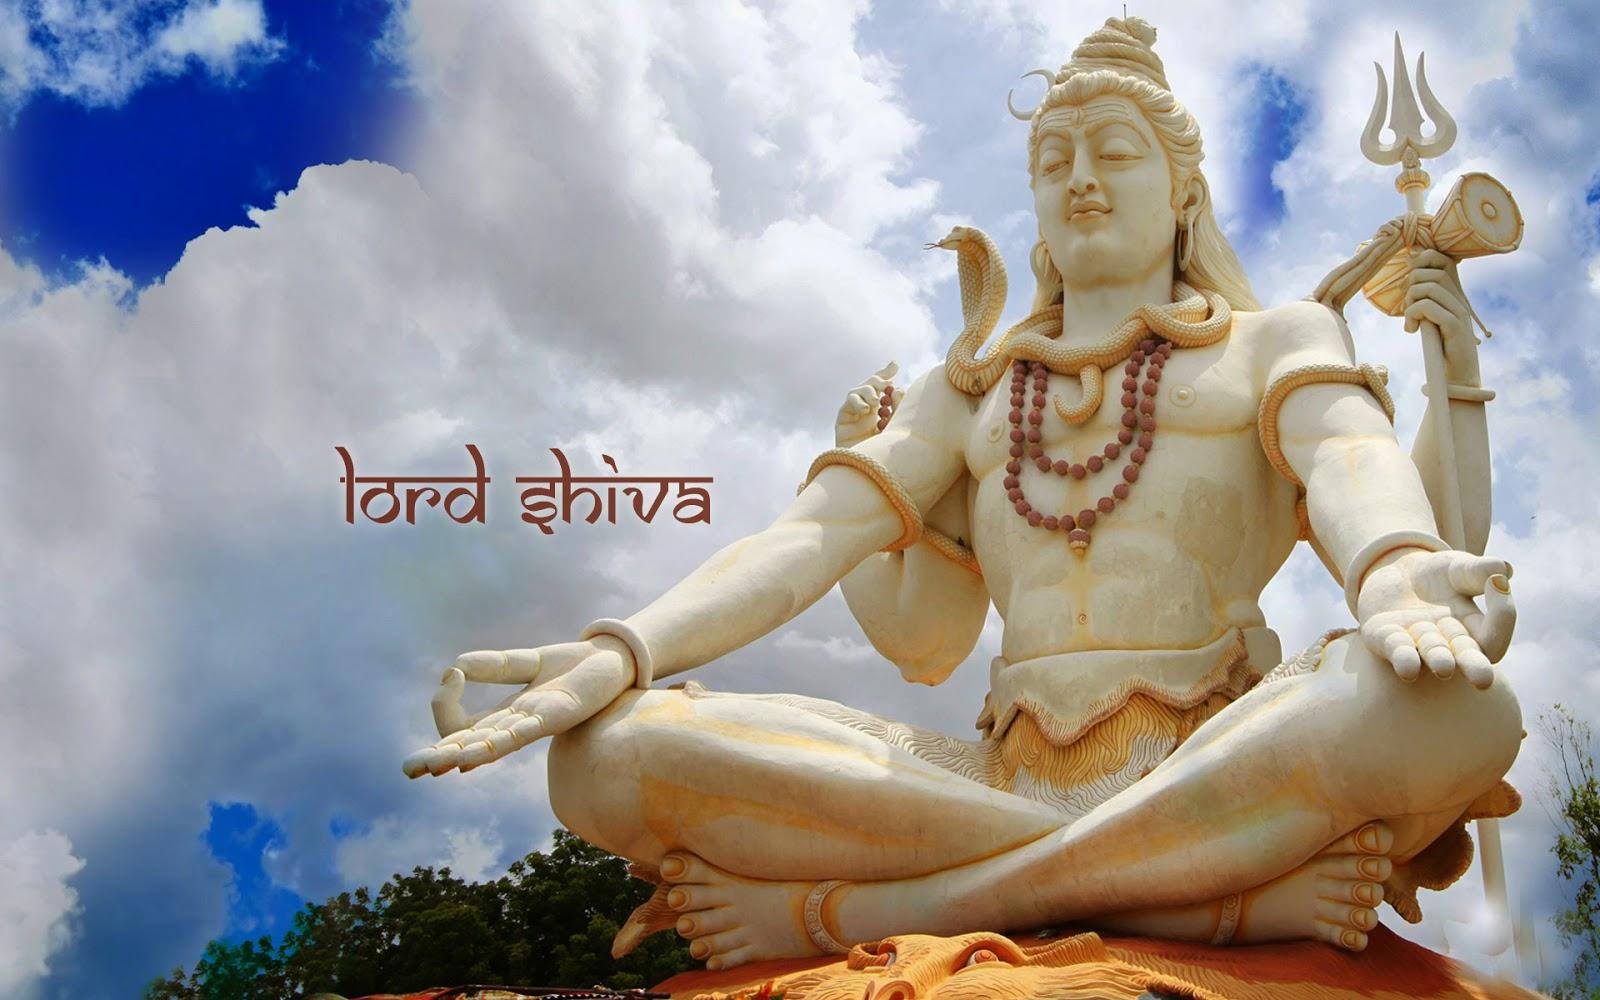 Happy Maha Shivaratri to you and family